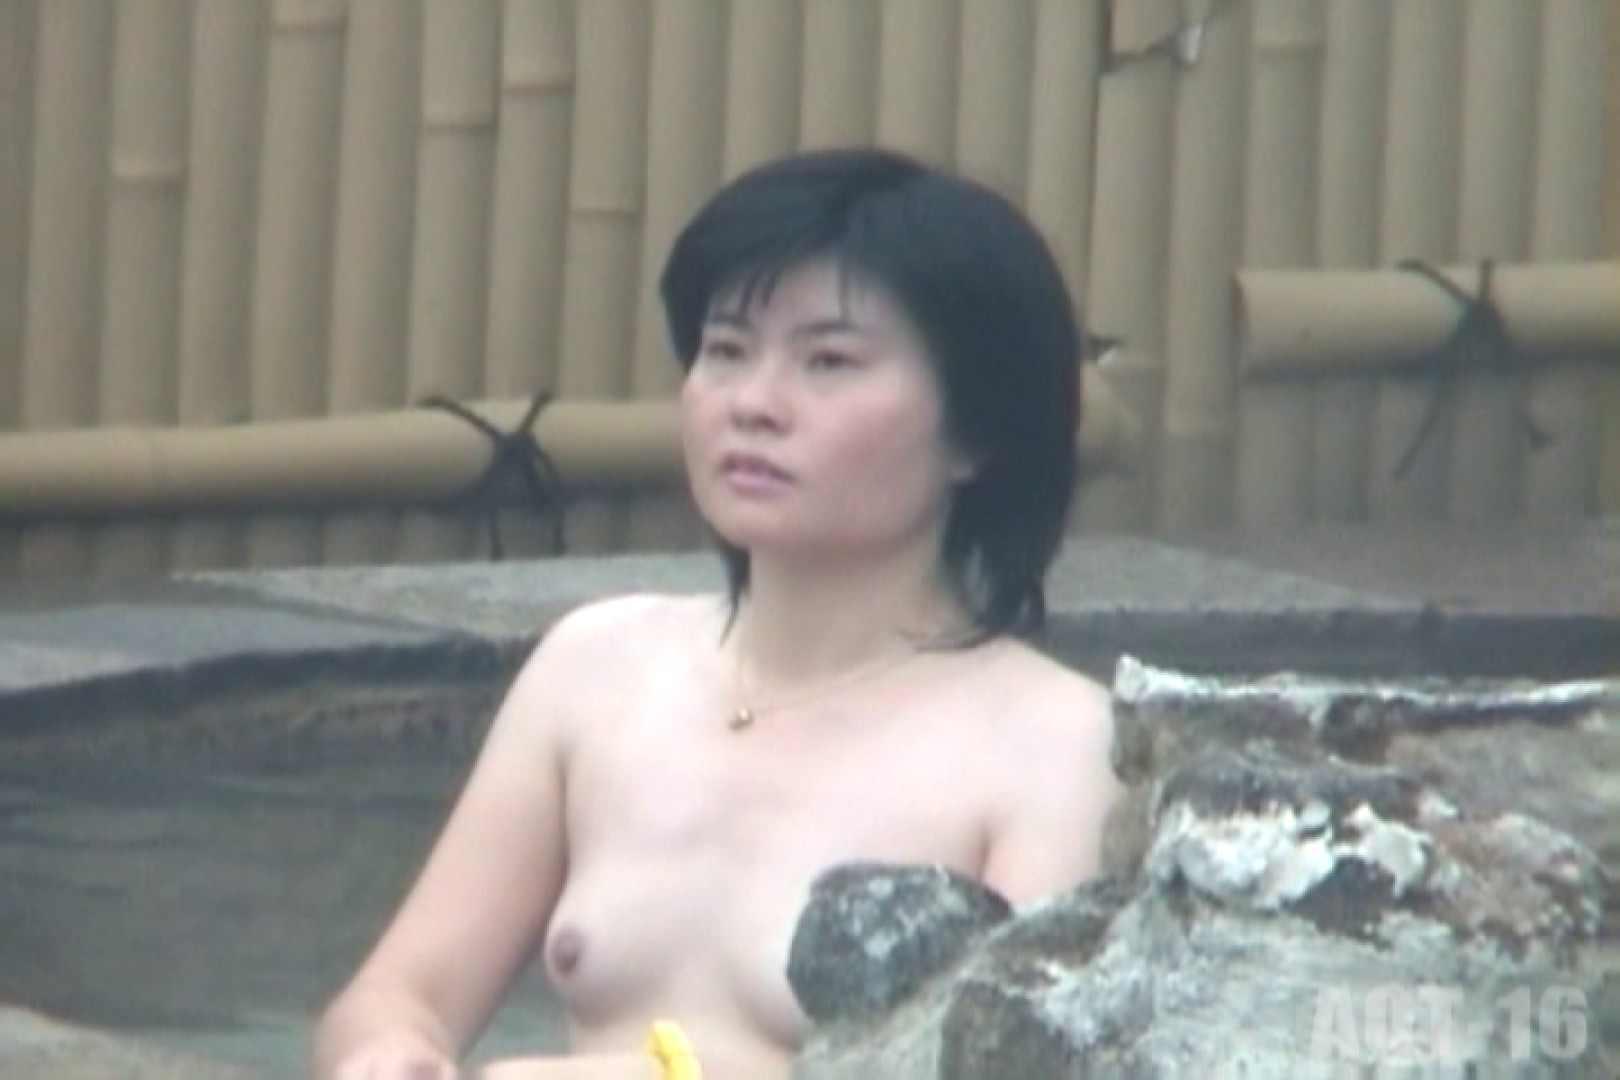 Aquaな露天風呂Vol.840 OLハメ撮り  65Pix 16